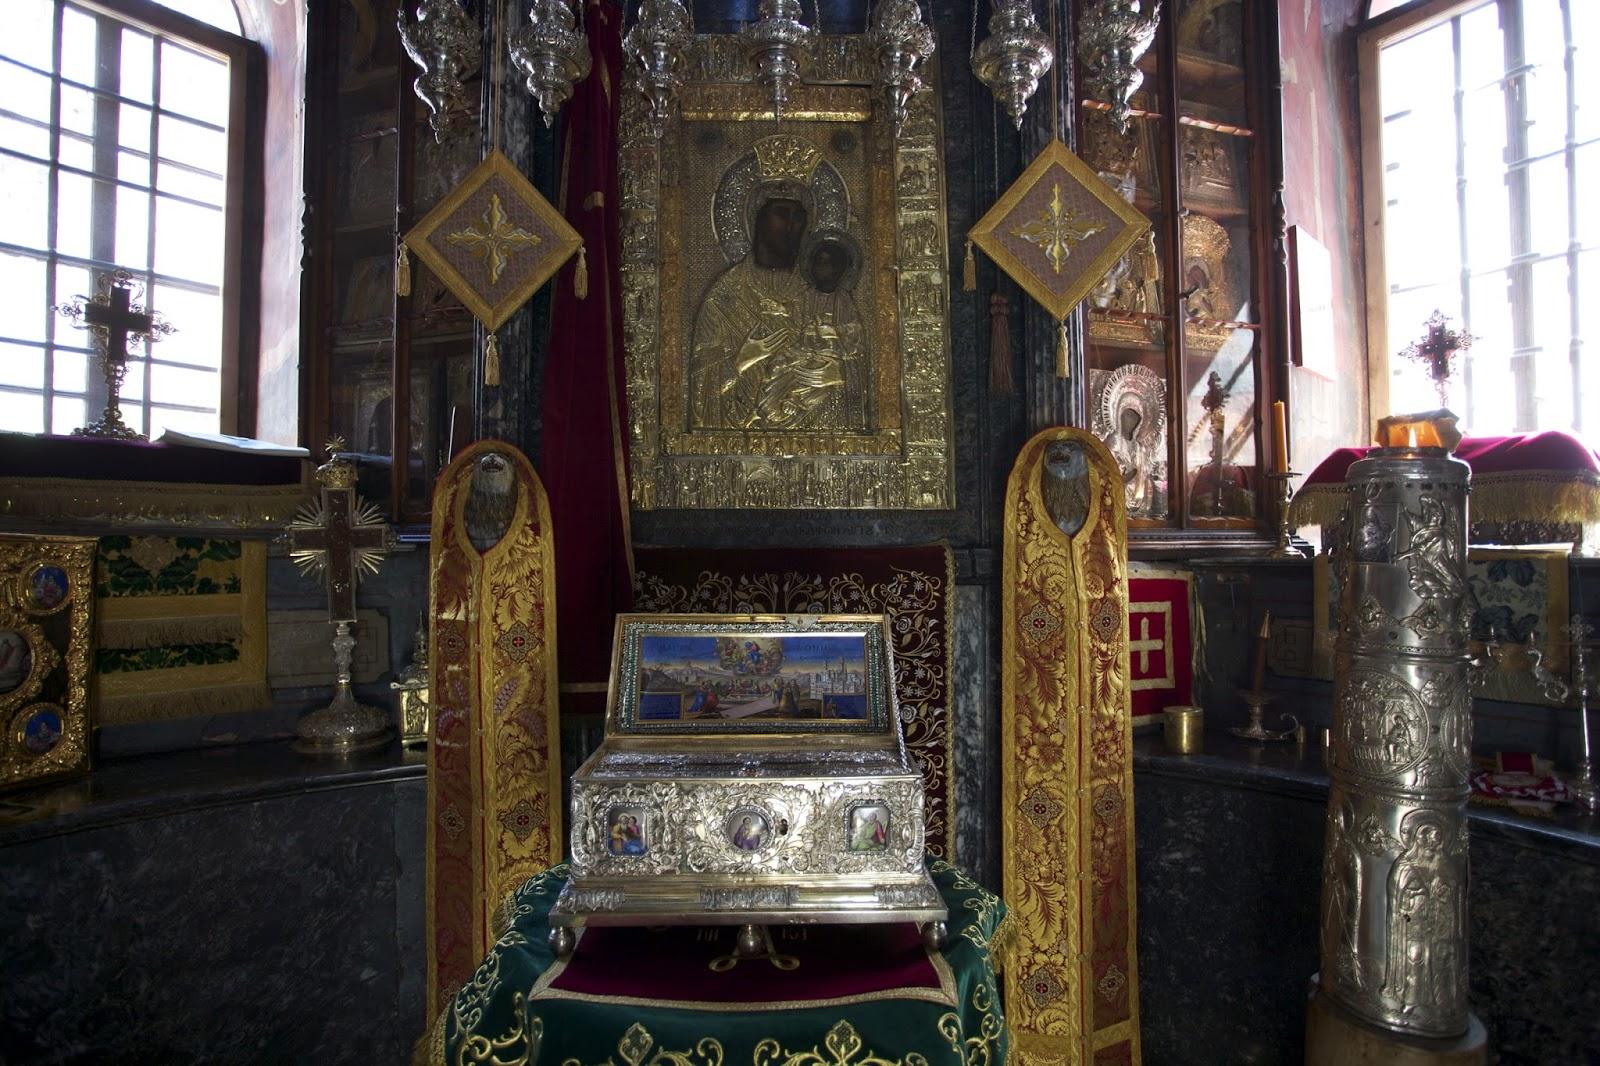 Η Τιμία Ζώνη της Υπεραγίας Θεοτόκου (Ιερά Μεγίστη Μονή Βατοπαιδίου Αγίου Όρους). http://leipsanothiki.blogspot.be/